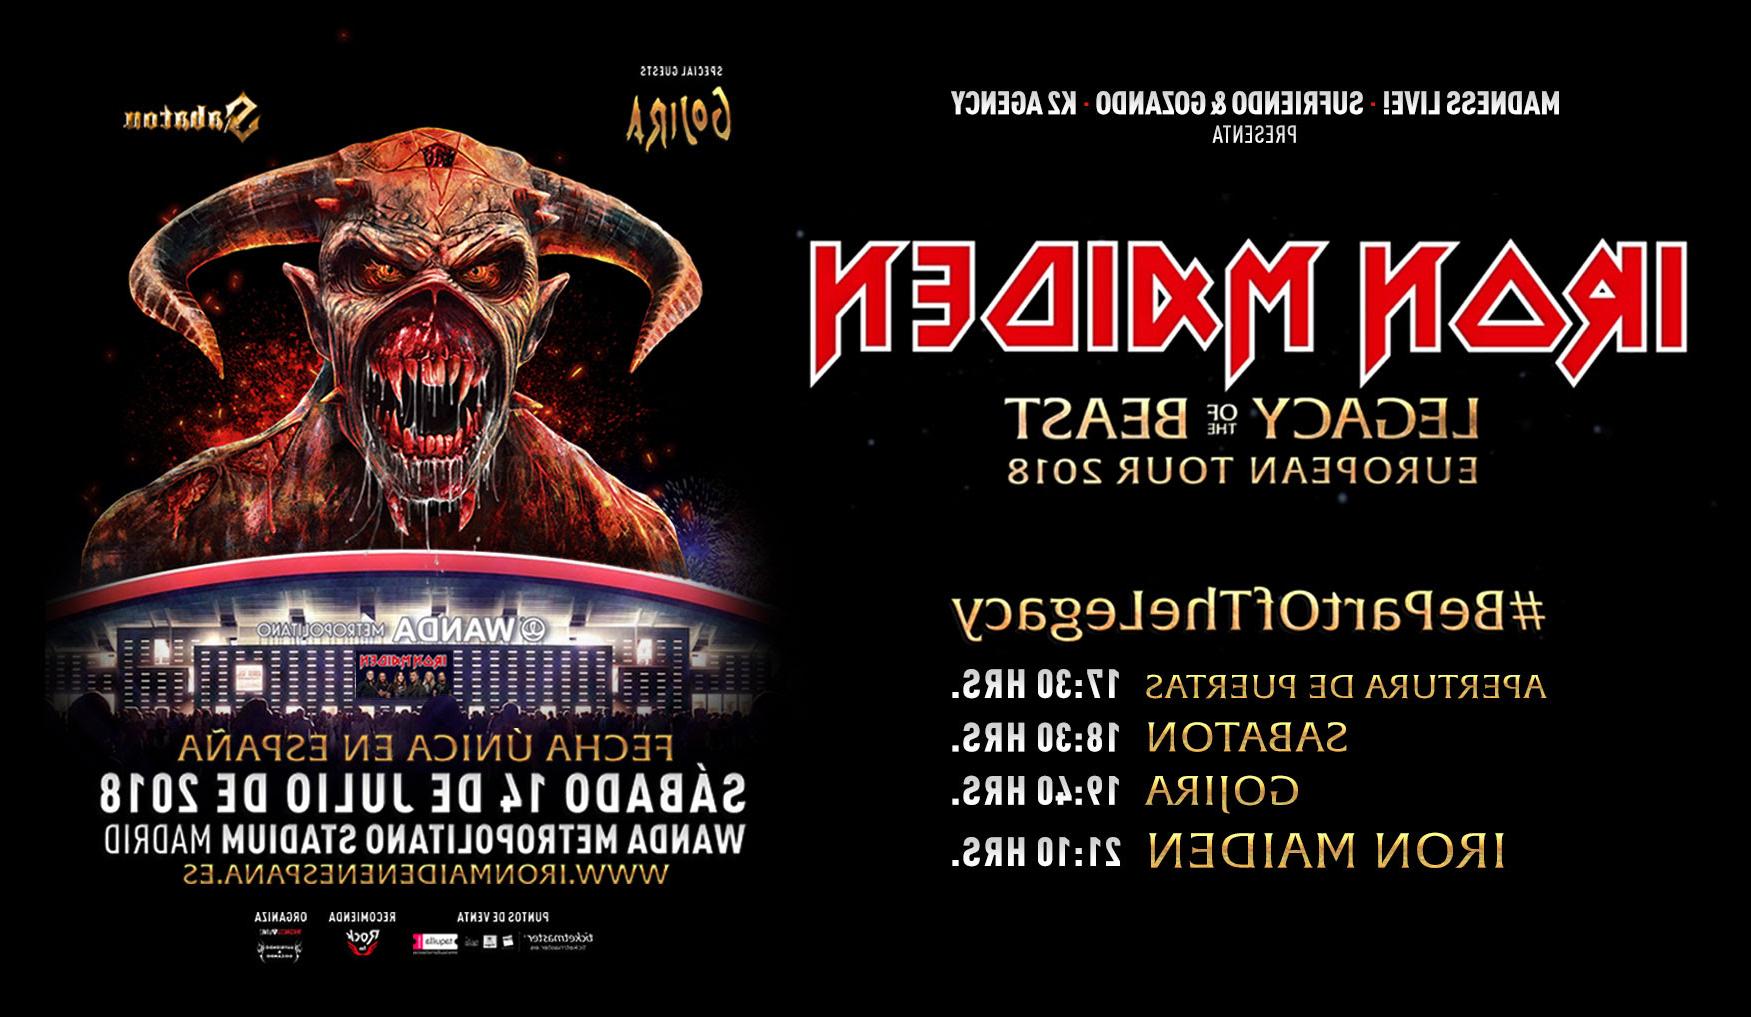 Horario Madrid Mndw Iron Maiden Anuncian Los Horarios Para Su Concierto De Madrid 14